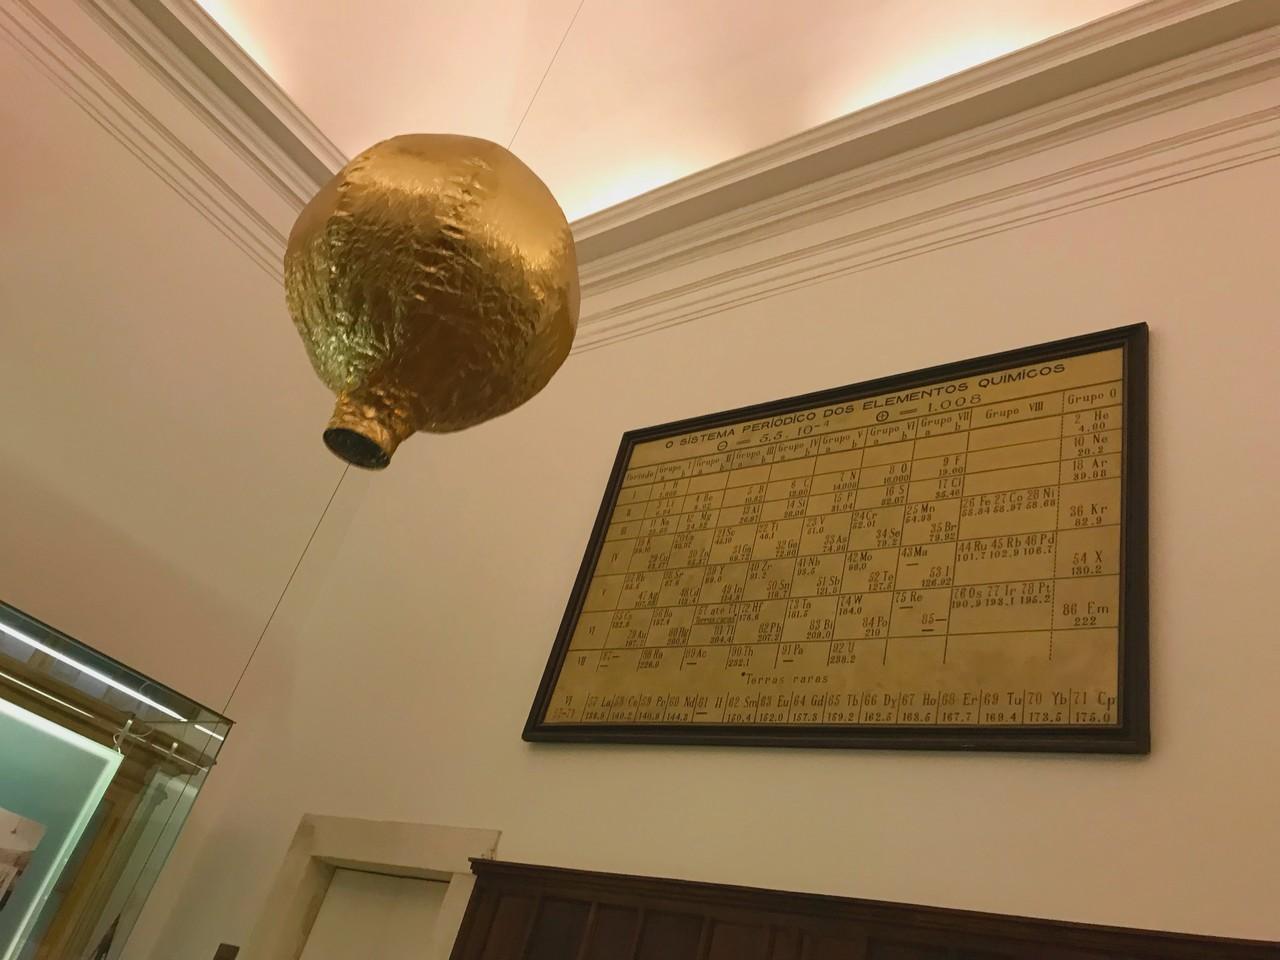 Balão de ar quente a subir em direção ao teto no Museu da Ciência da Universidade de Coimbra com o sistema periódico dos elementos químicos em fundo. Foto de Diogo Pereira